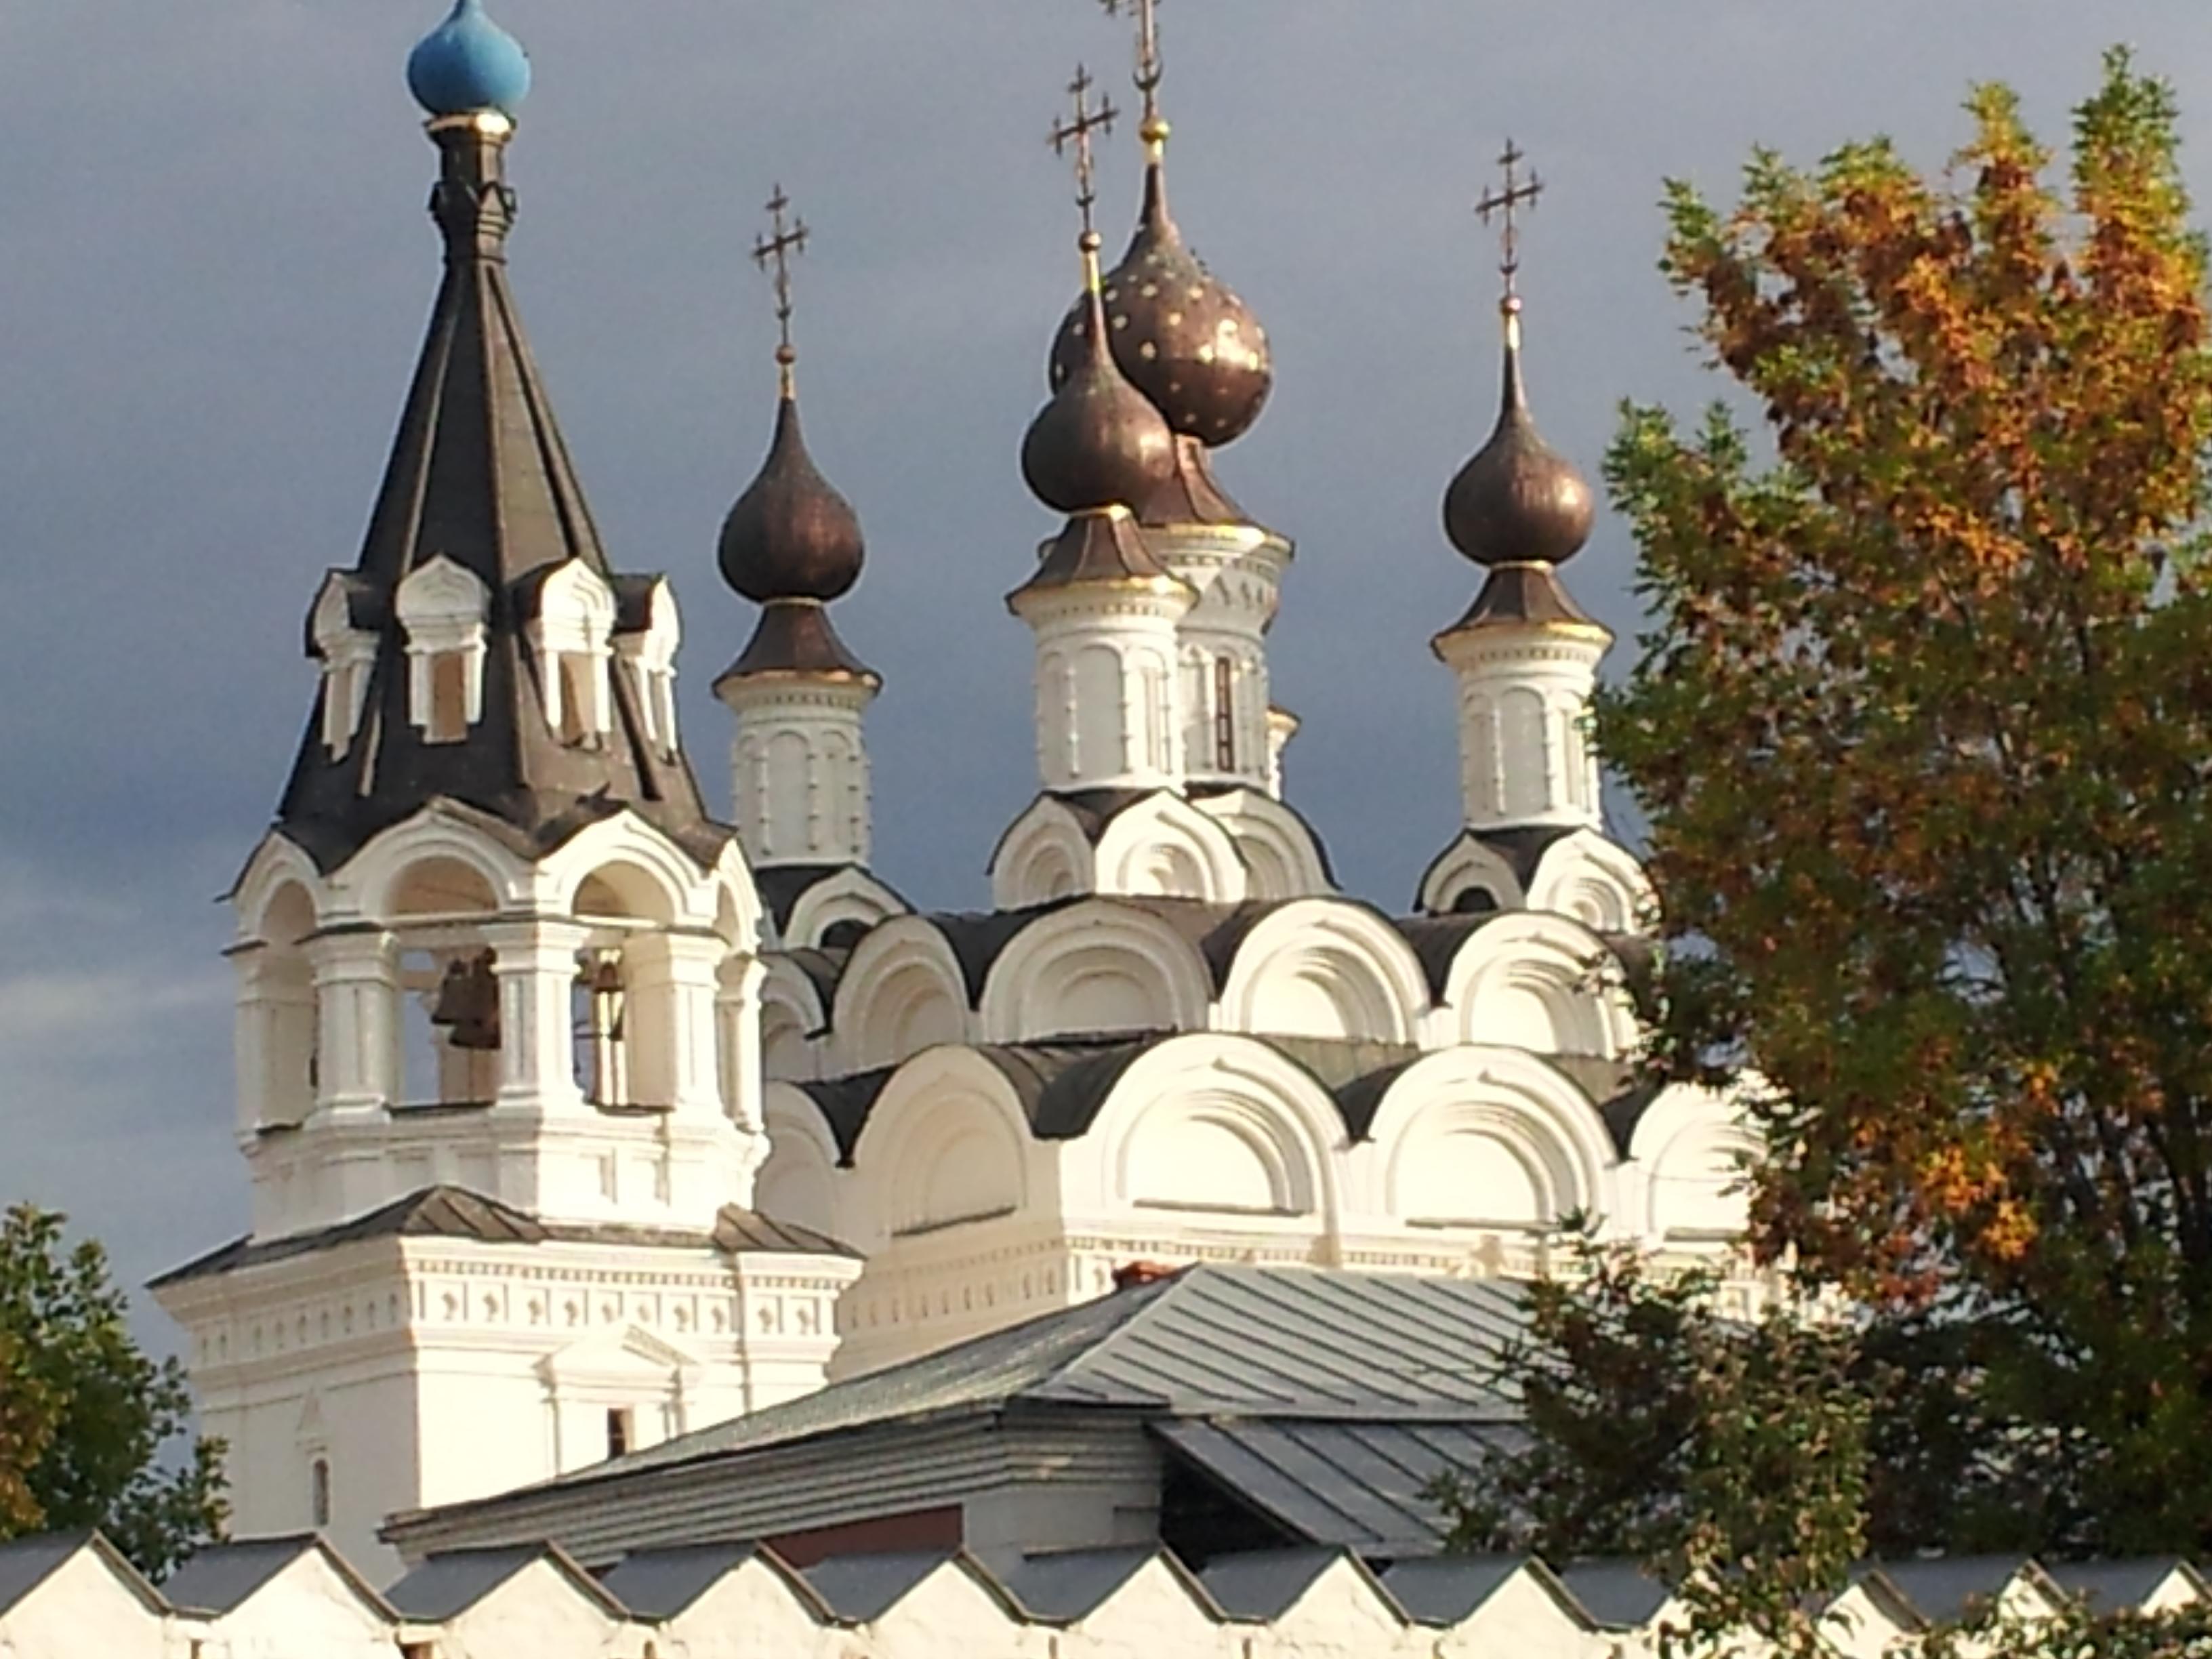 Сеченово - Шумерля расстояние, маршрут, сколько от